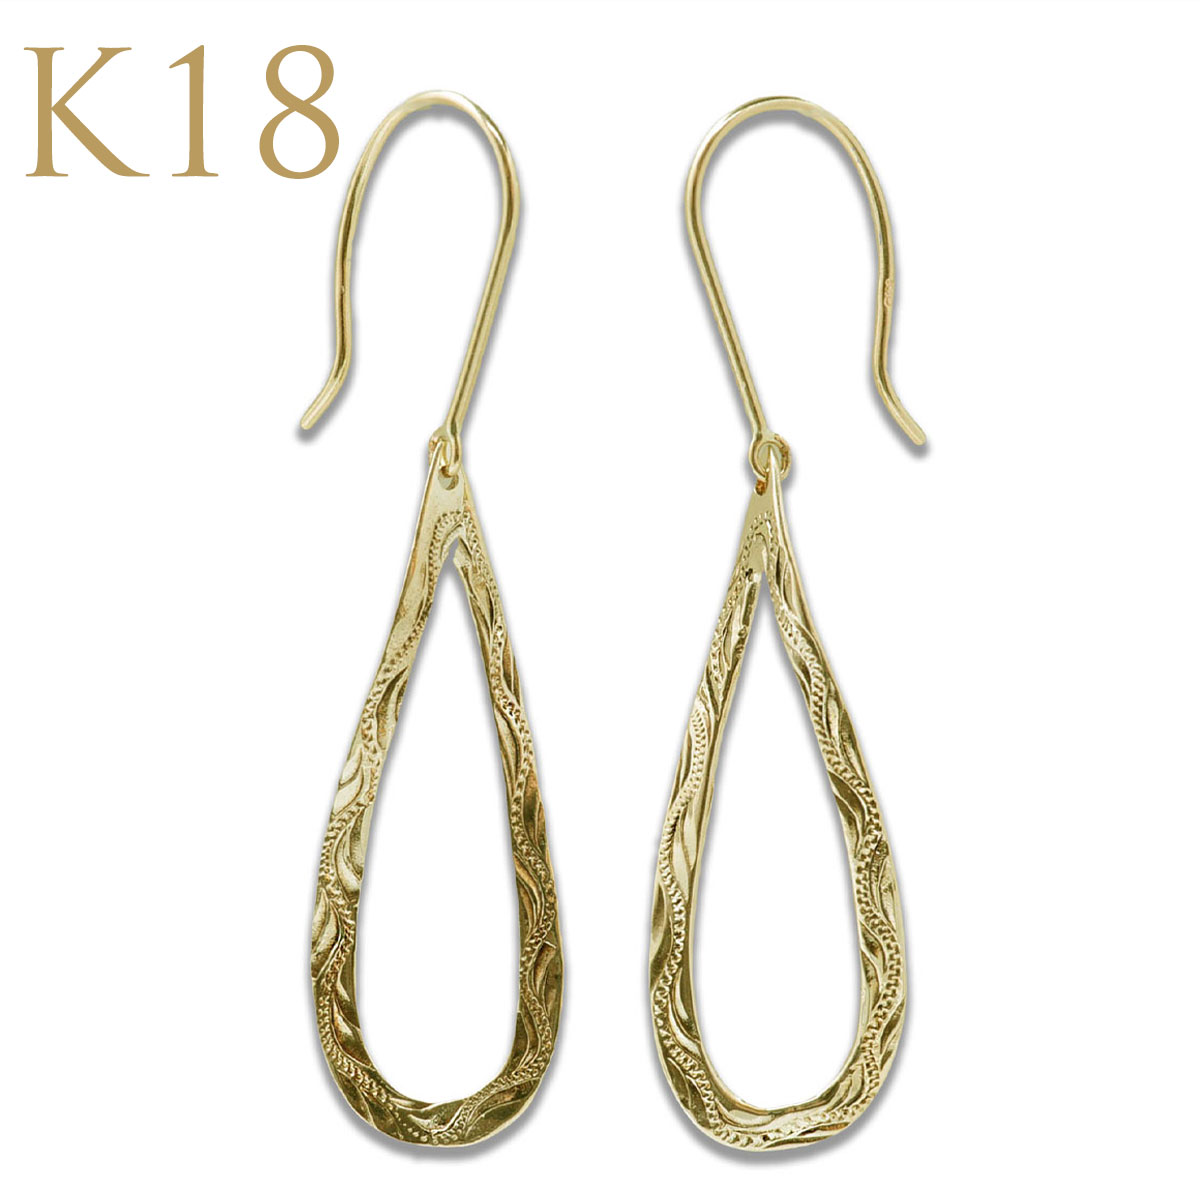 ハワイアンジュエリー ピアス レディース ツイストドロップスクロールピアス(両耳用)K18 ゴールド 18金 18K プレゼント ape1535ae